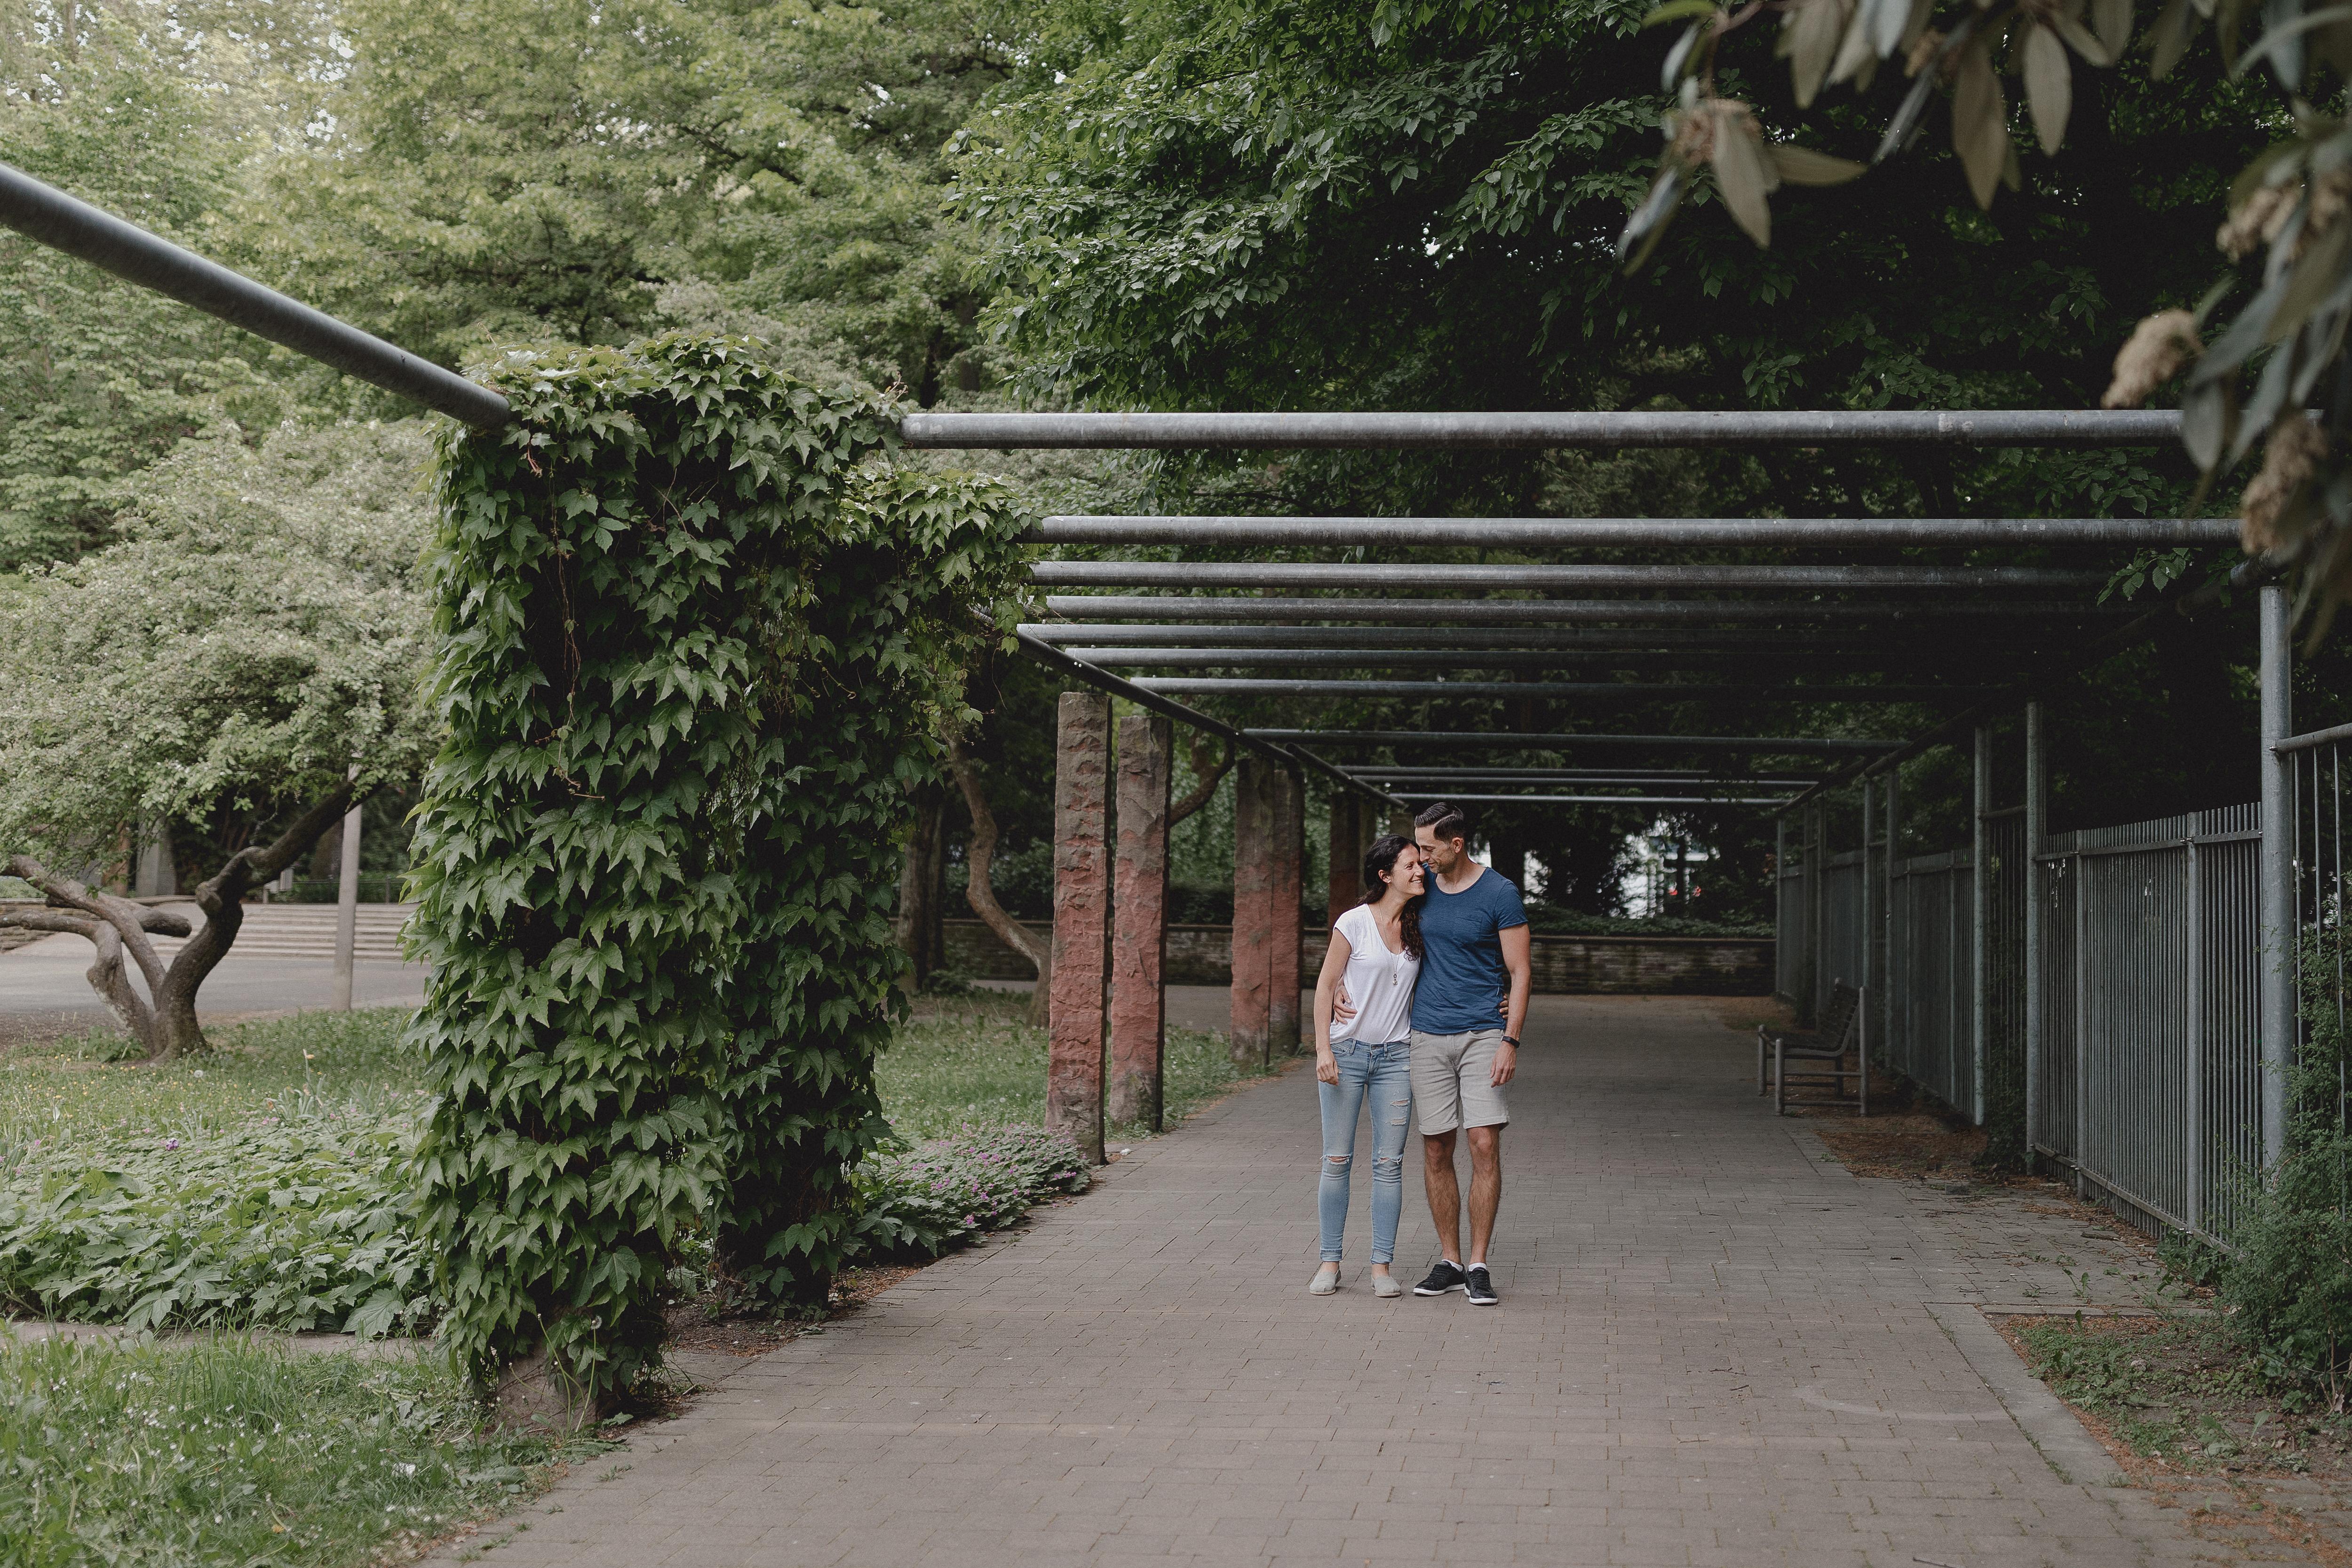 URBANERIE_Daniela_Goth_Vintage_Paarfotografin_Nuernberg_Fuerth_Erlangen_180509_0027